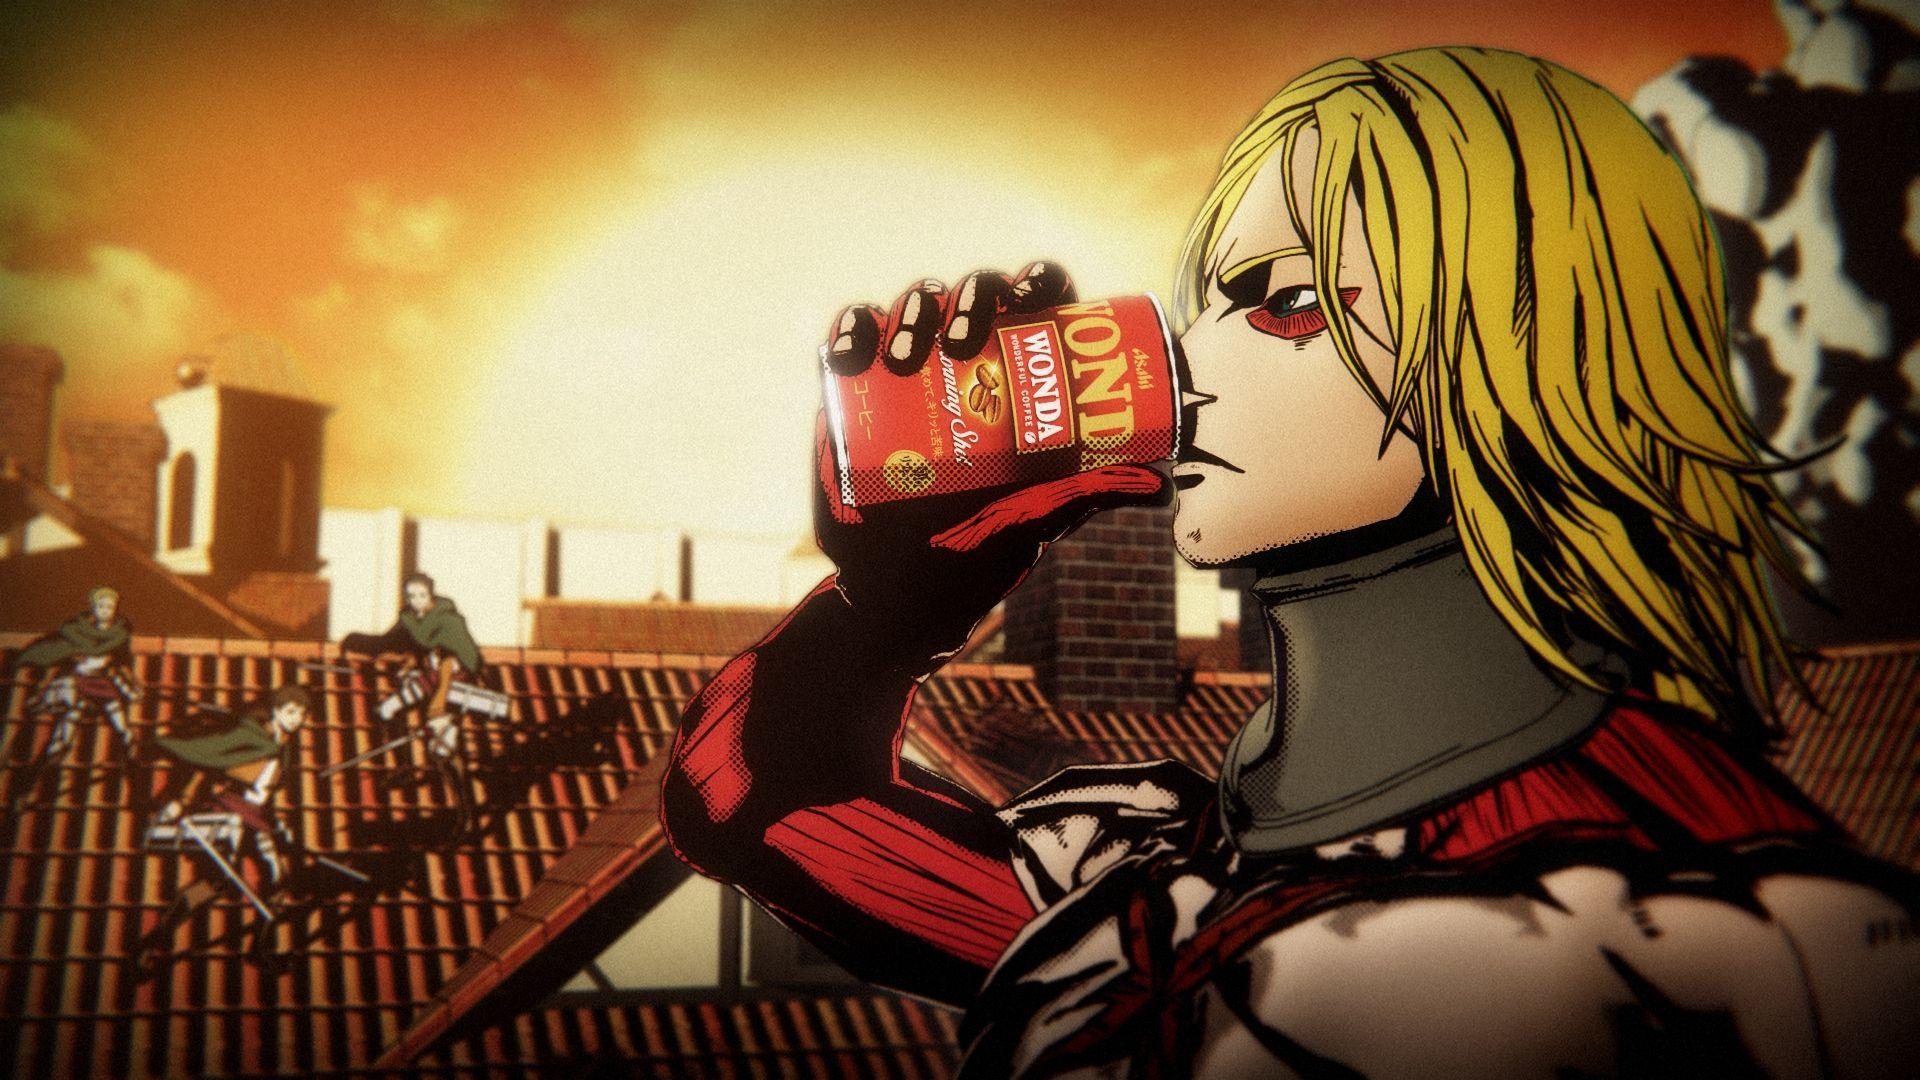 YOSHIKIの『進撃の巨人』ワンダ新CMで思い出す「バカボン出演」の不思議の画像001